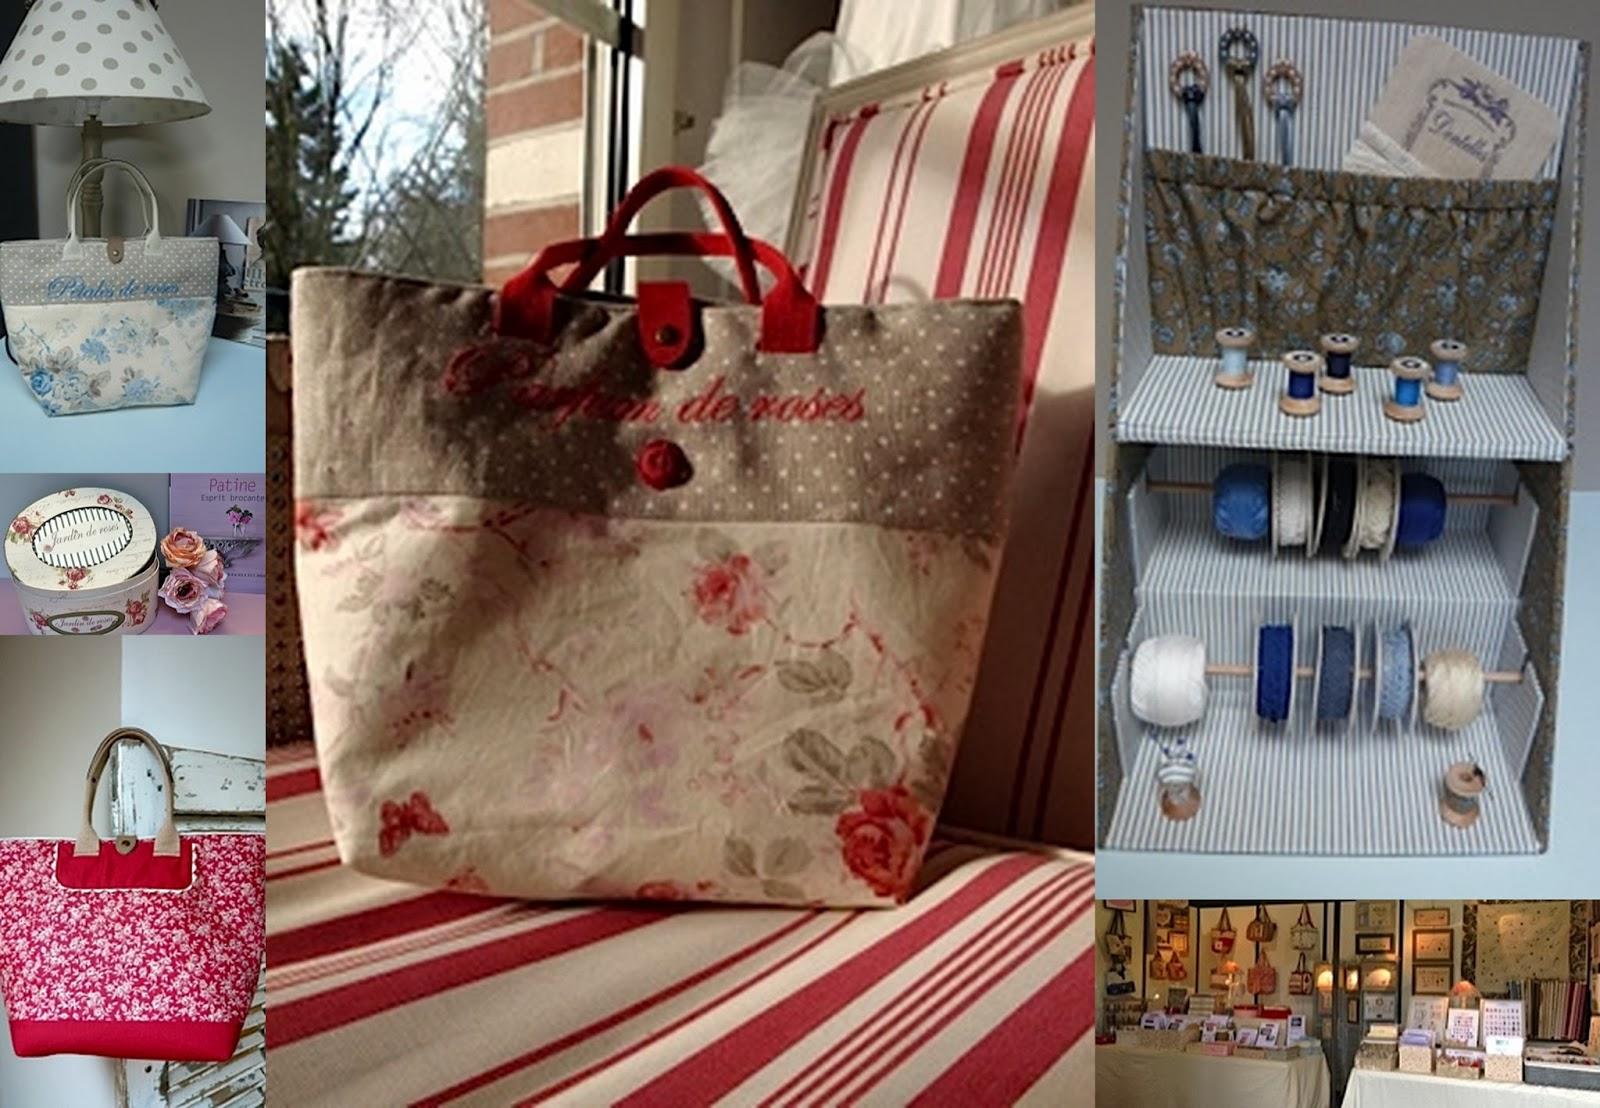 Salon des createurs du textile catherine et patrick lecointe for Salon du textile